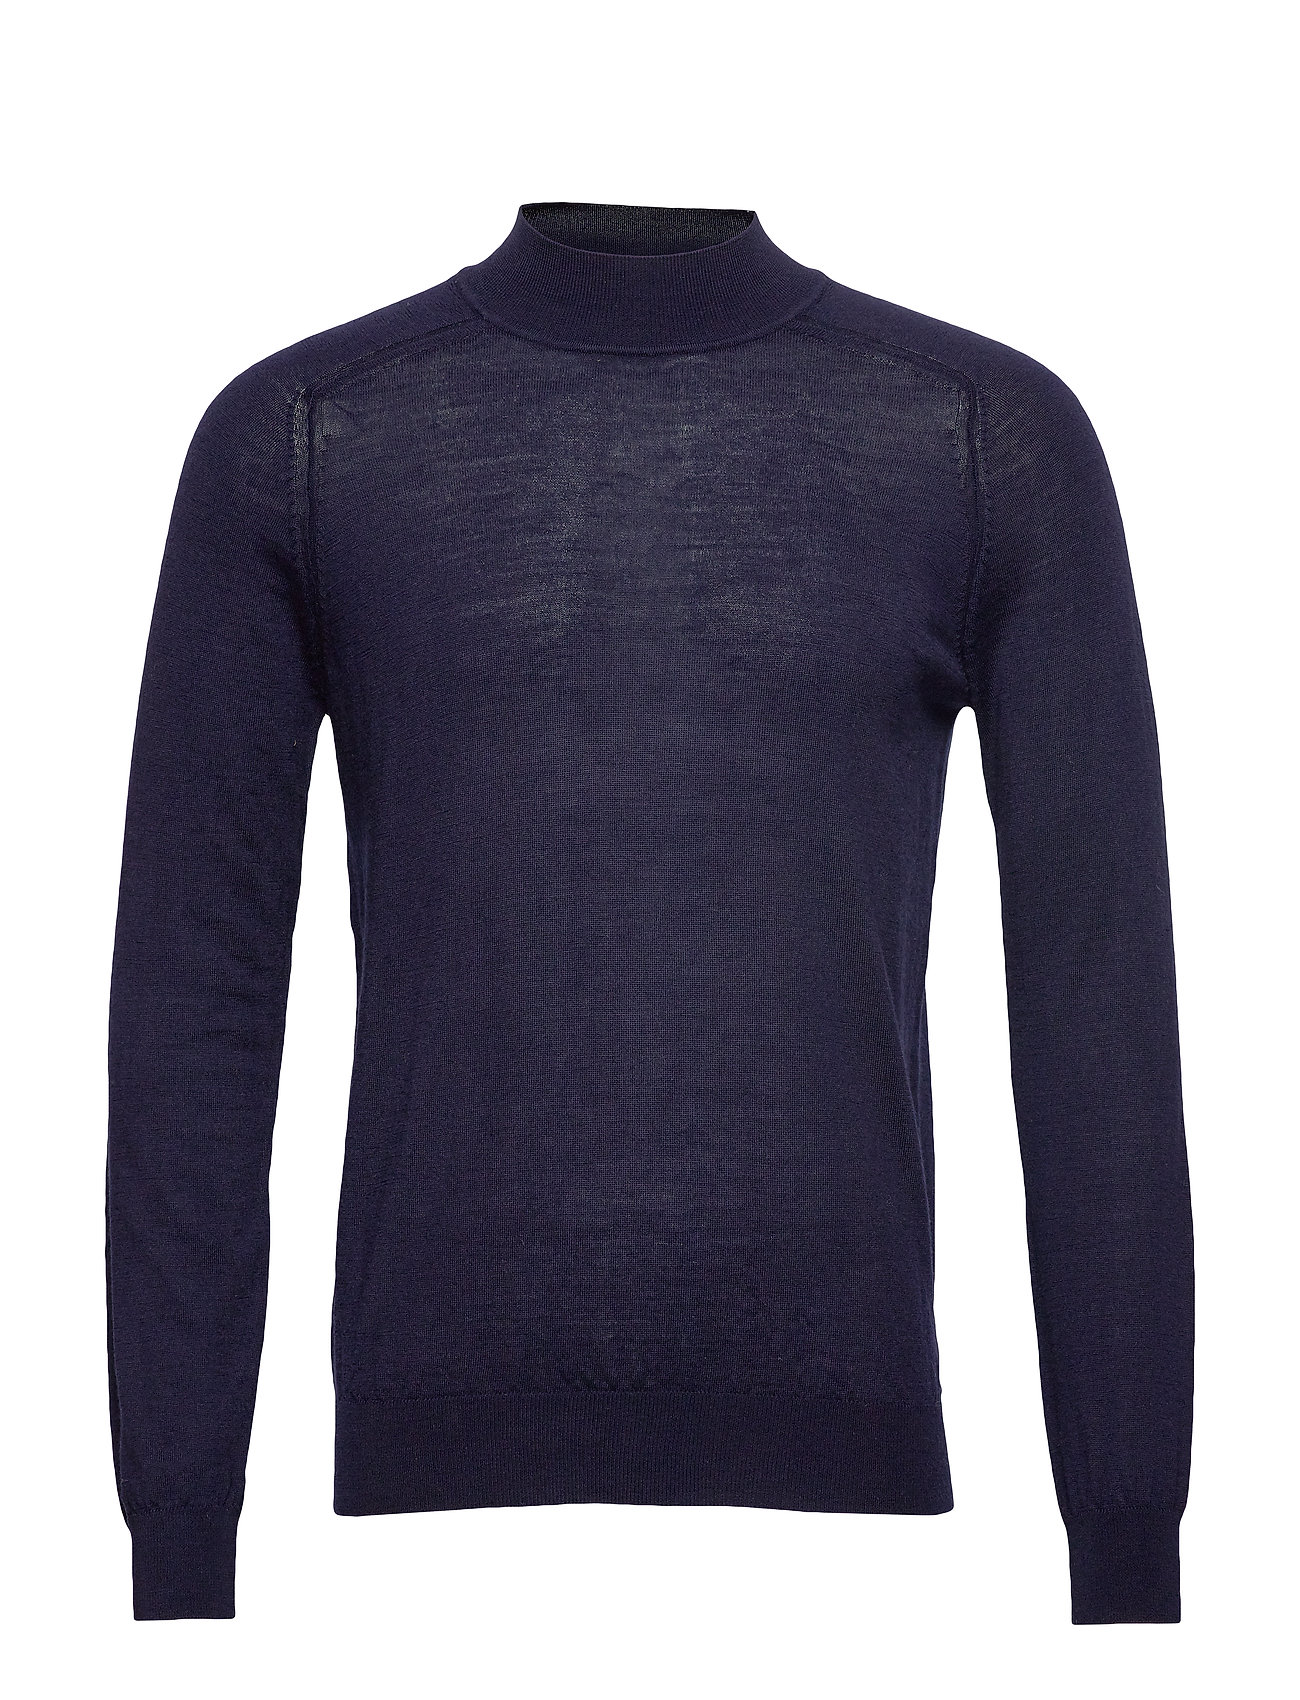 Mango Man 100% merino wool sweater - NAVY